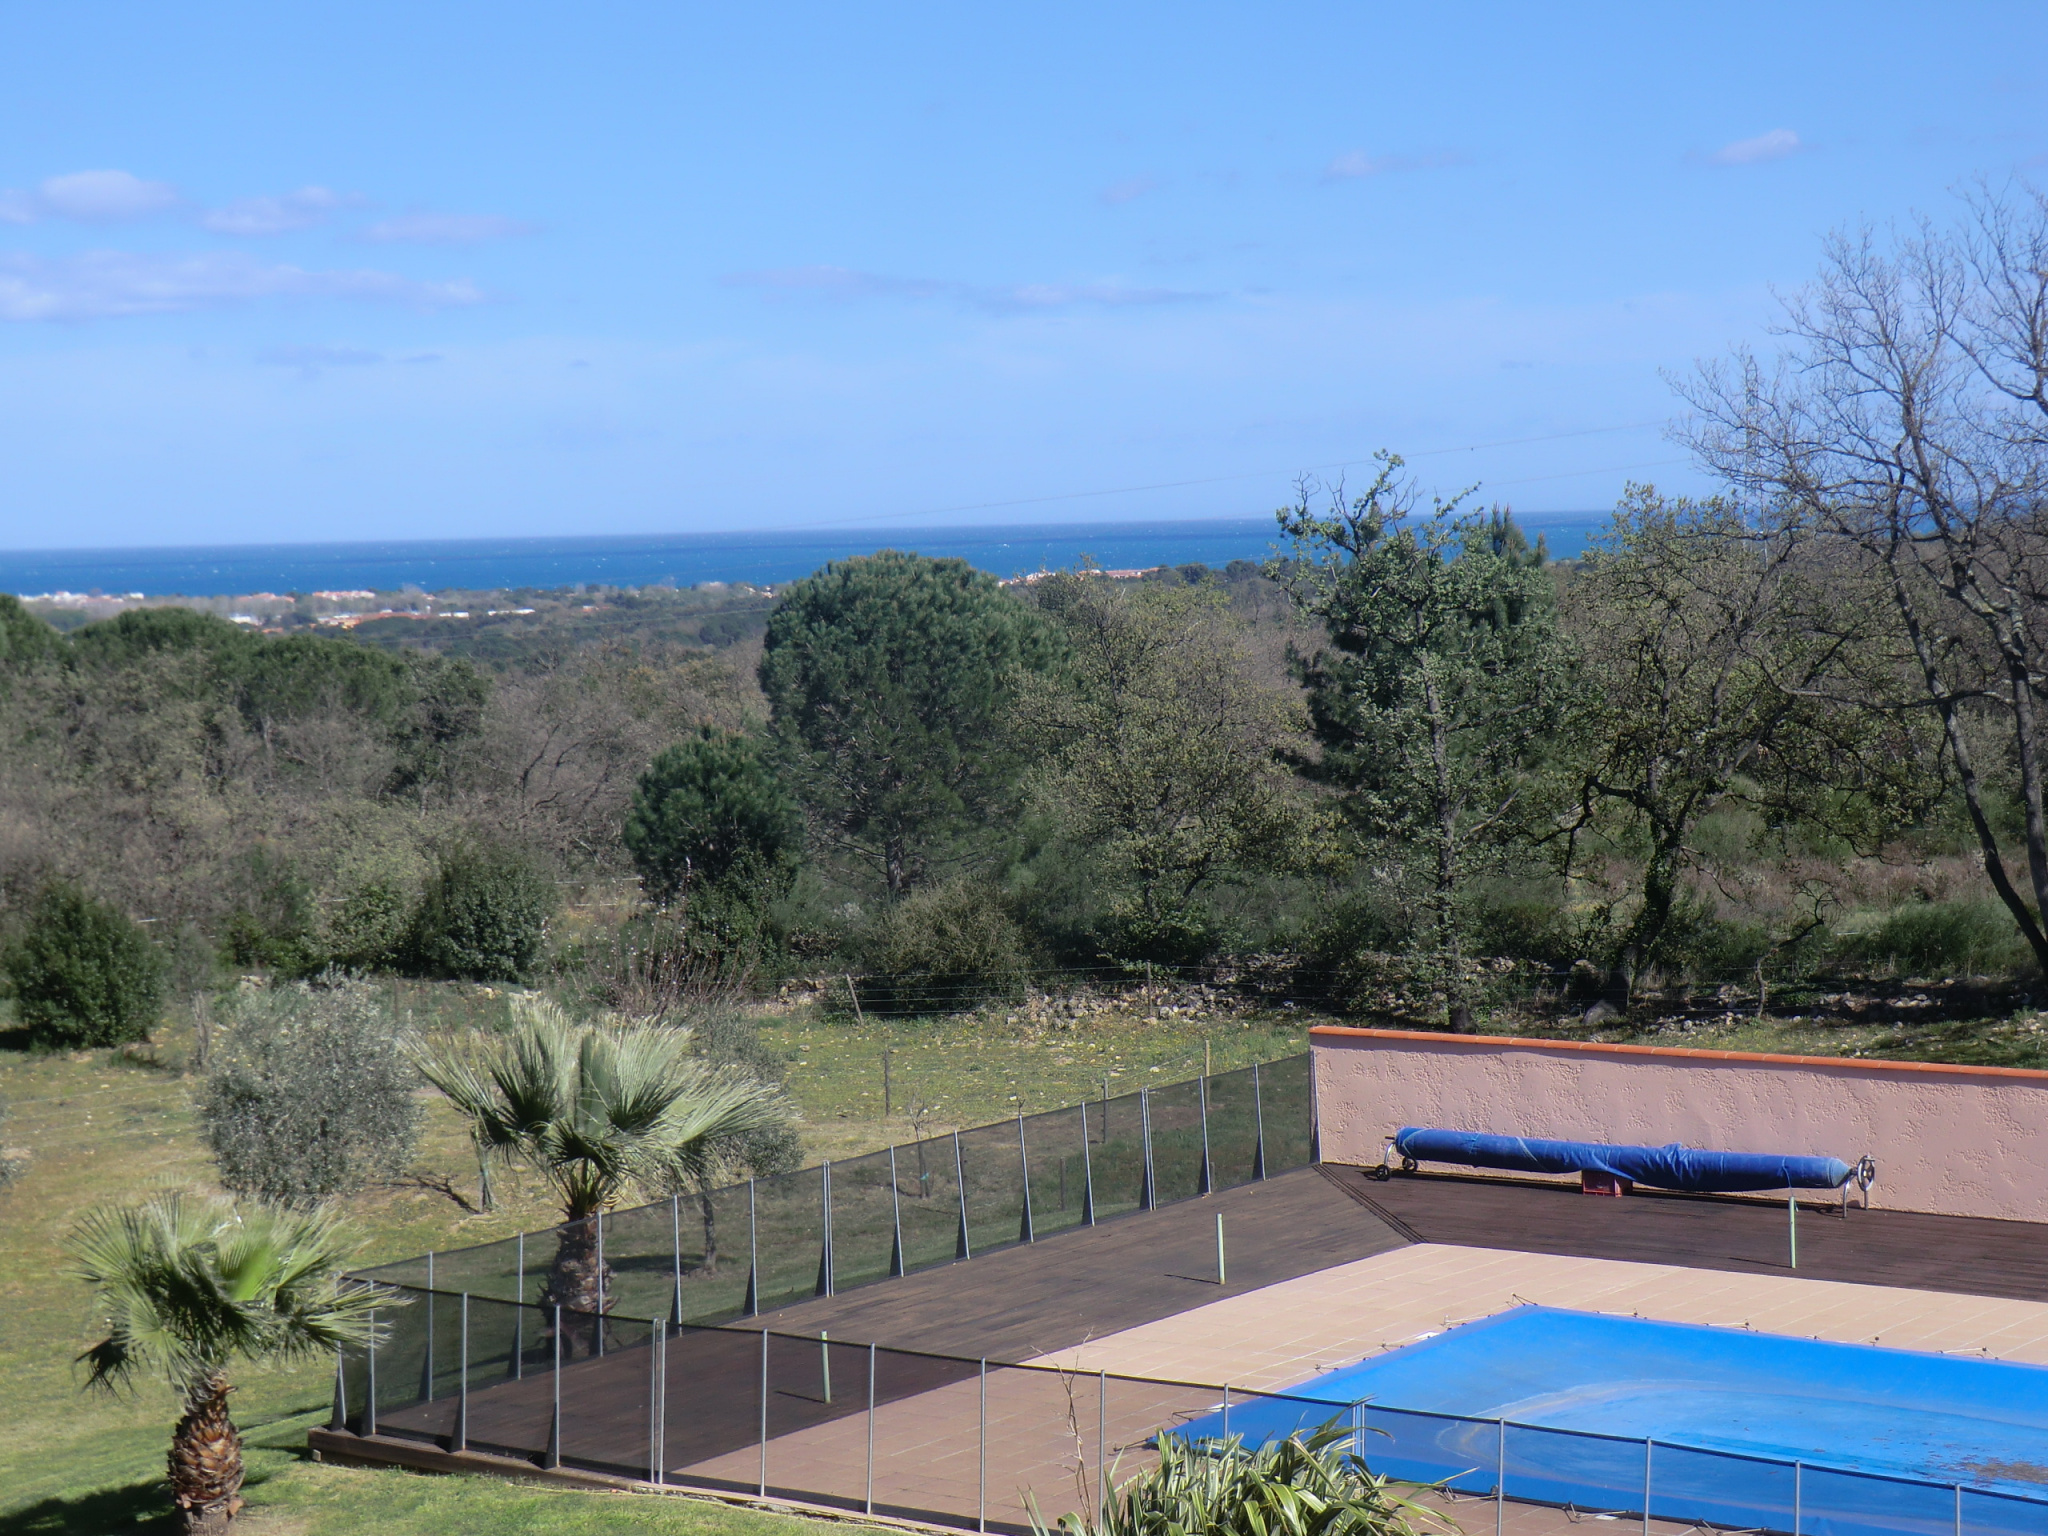 À vendre maison/villa de 500m2 à argeles sur mer (66700) - Photo 1'